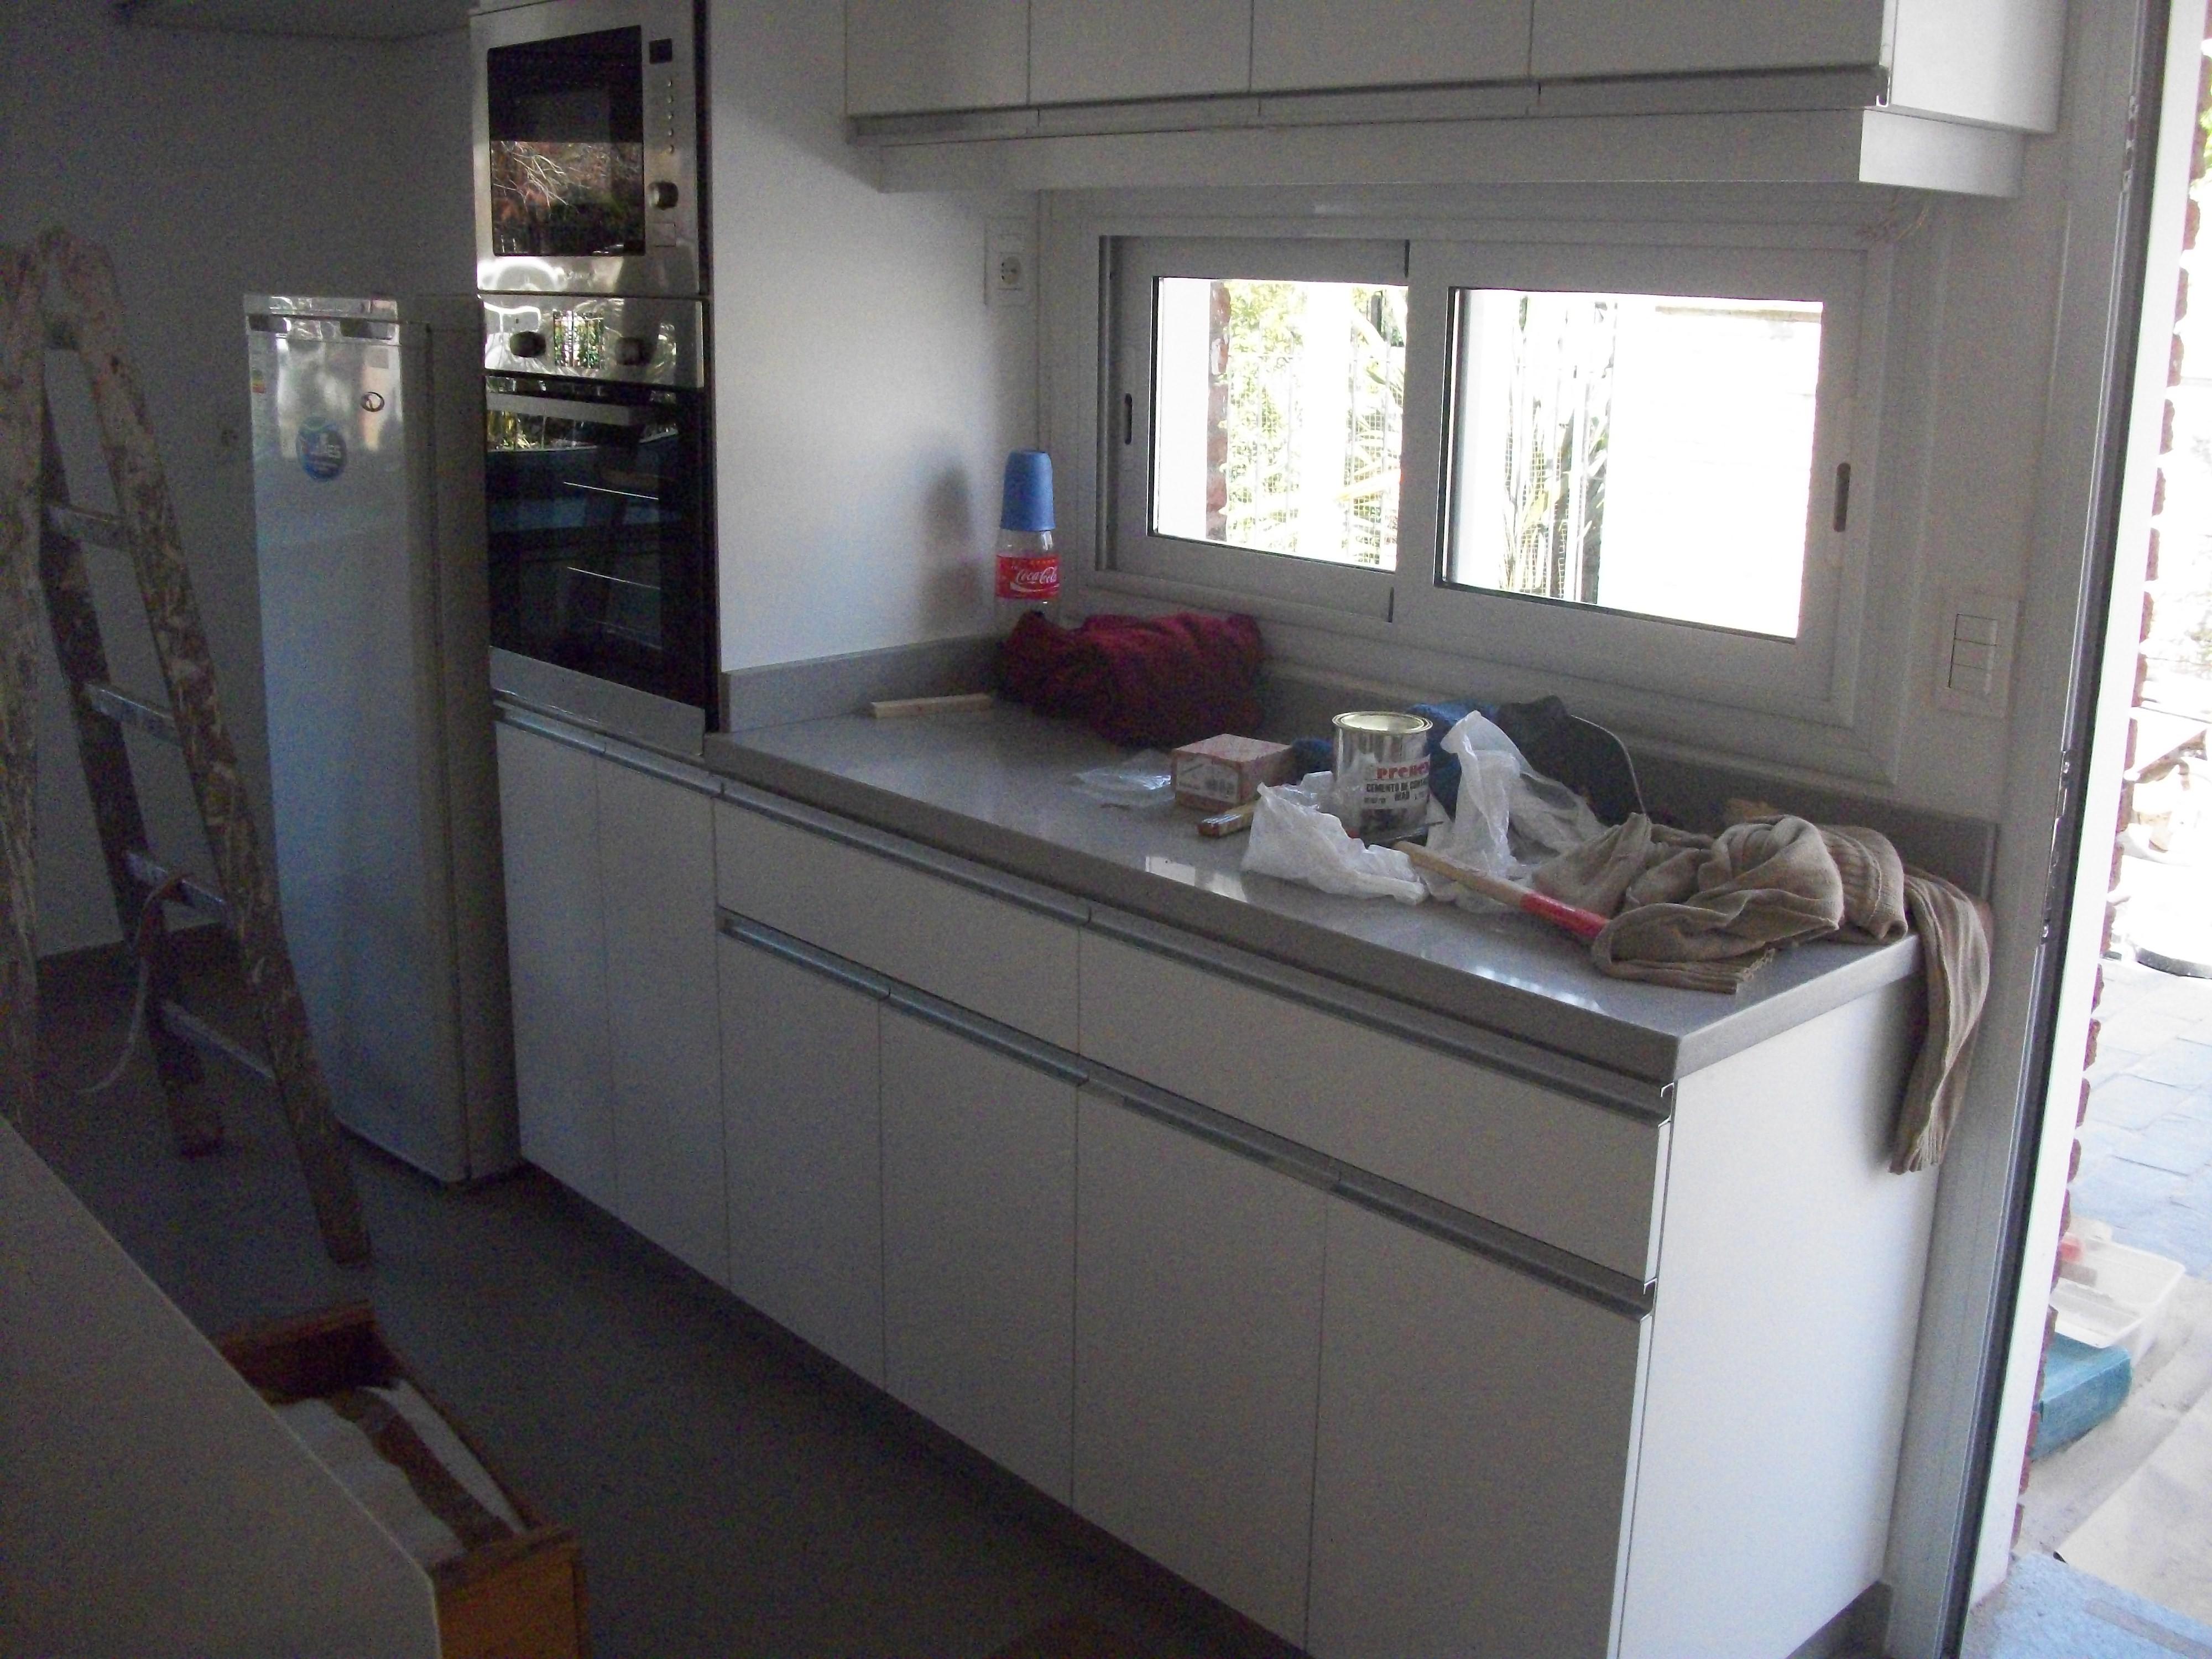 equipamiento de cocina en melaminico blanco carpintero en